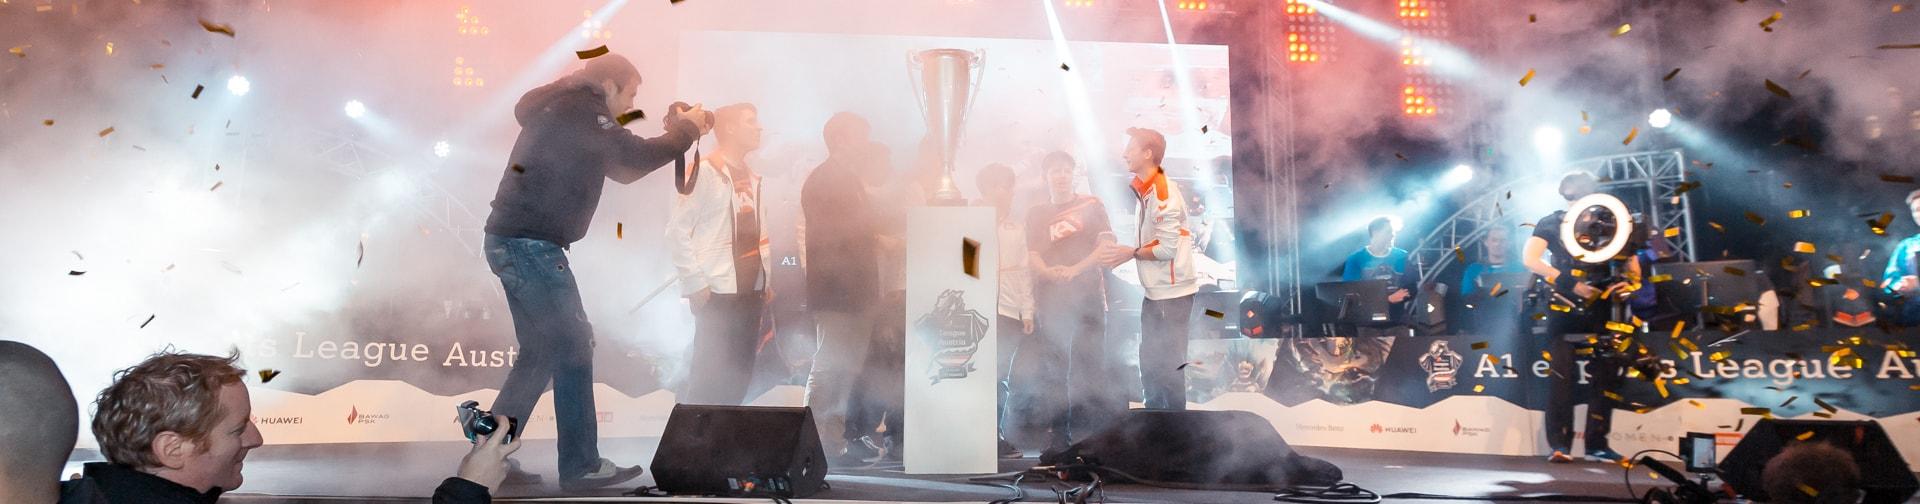 Urgent News: Das sind die Sieger der A1 eSports League Austria Season 2